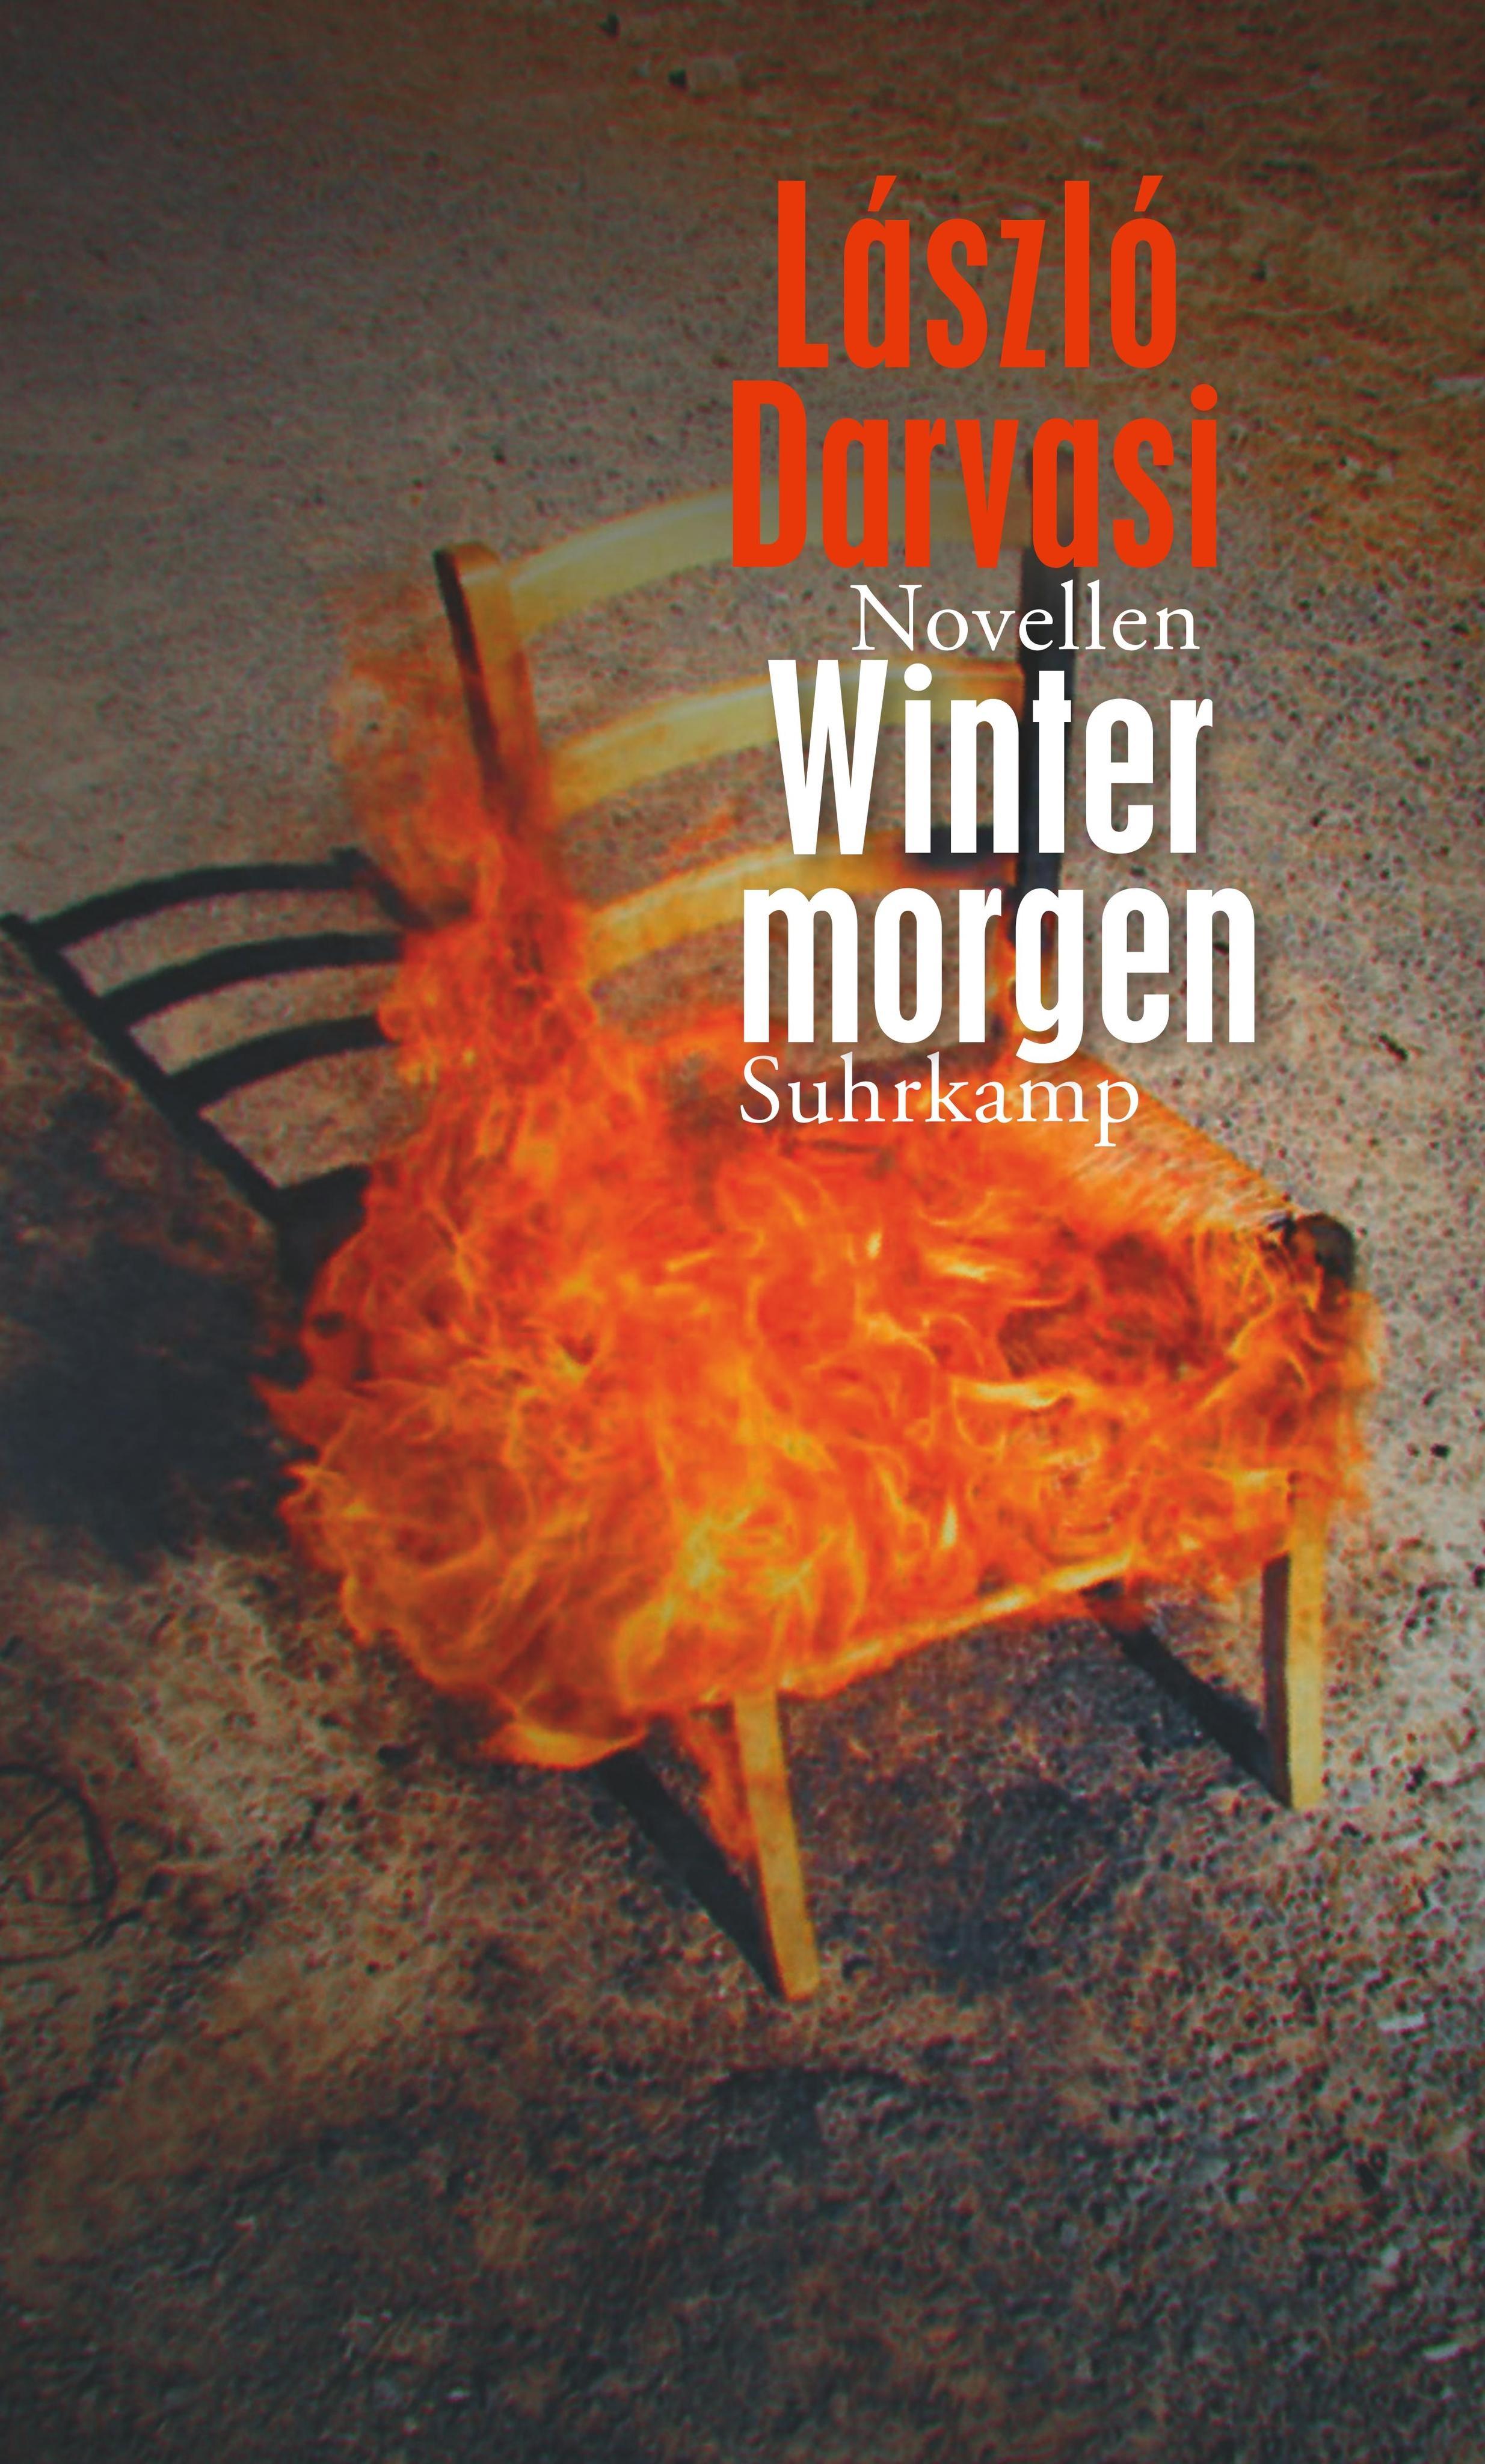 Wintermorgen László Darvasi 9783518425527